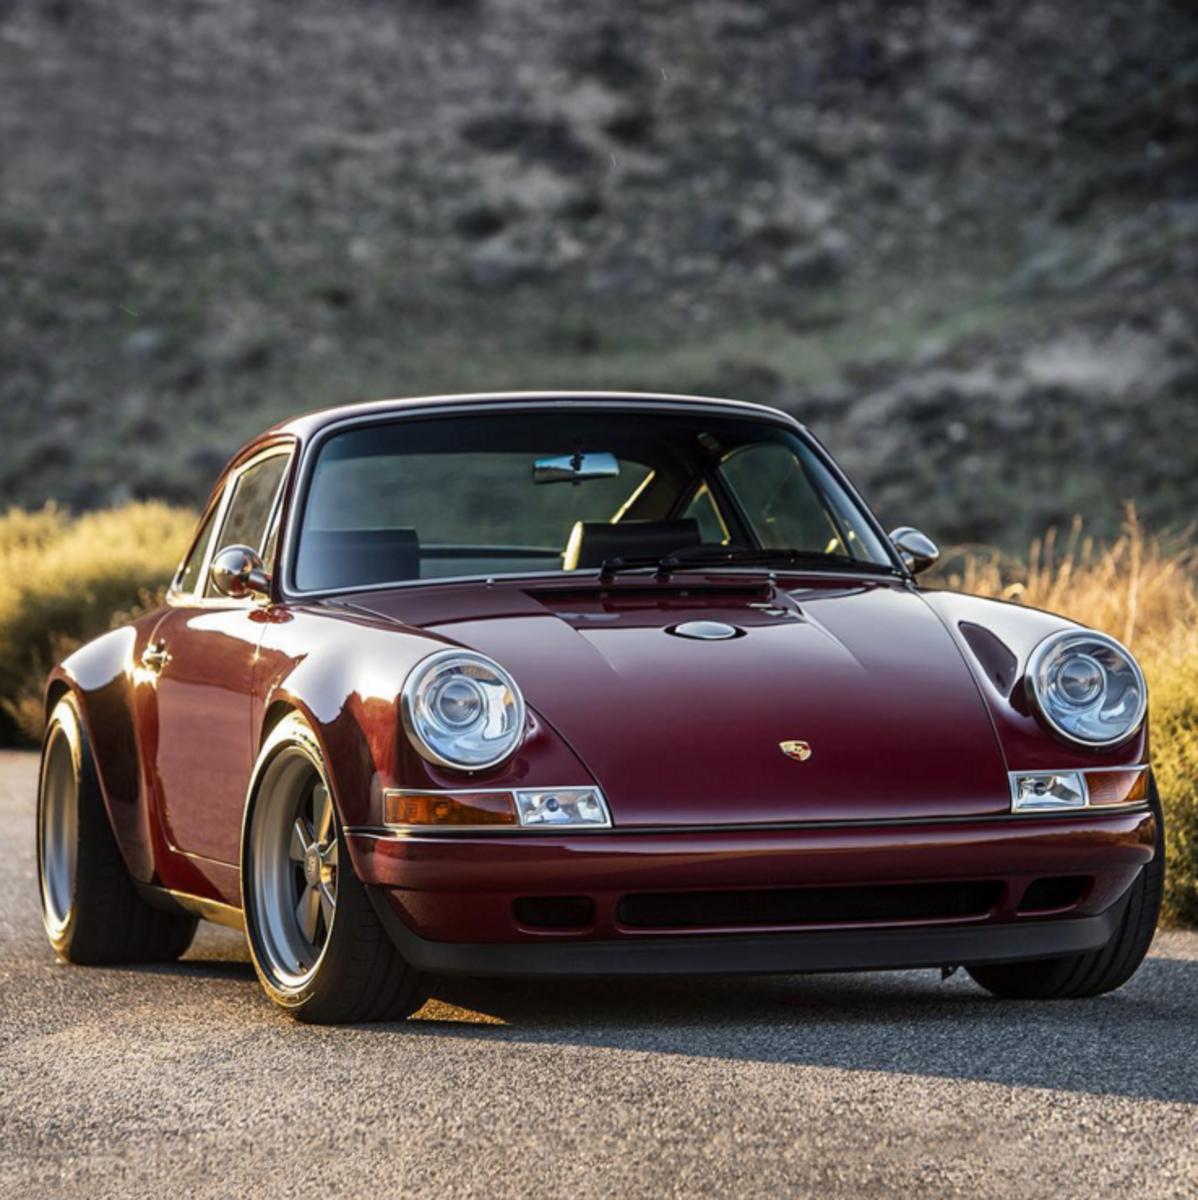 Porsche 911 Car: Car Porn: Customized Oxblood Porsche 911